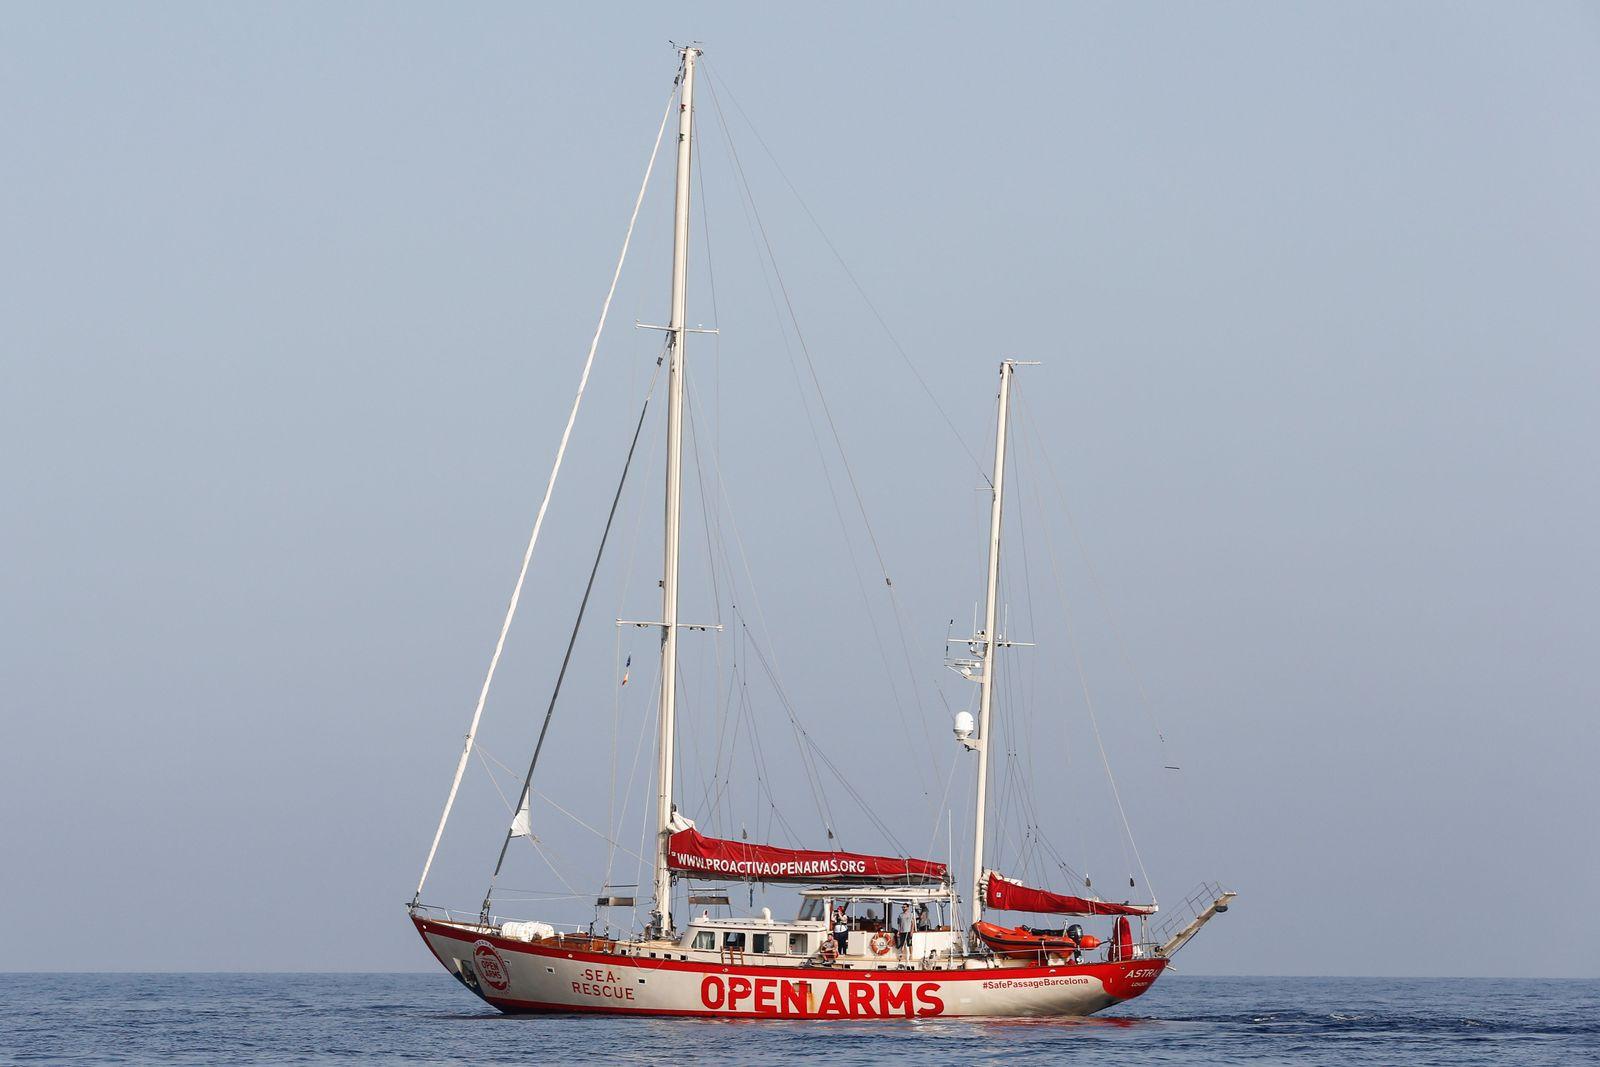 GRAPHIC CONTENT Libyen/ Ertrunkene Flüchtlinge im Mittelmeer